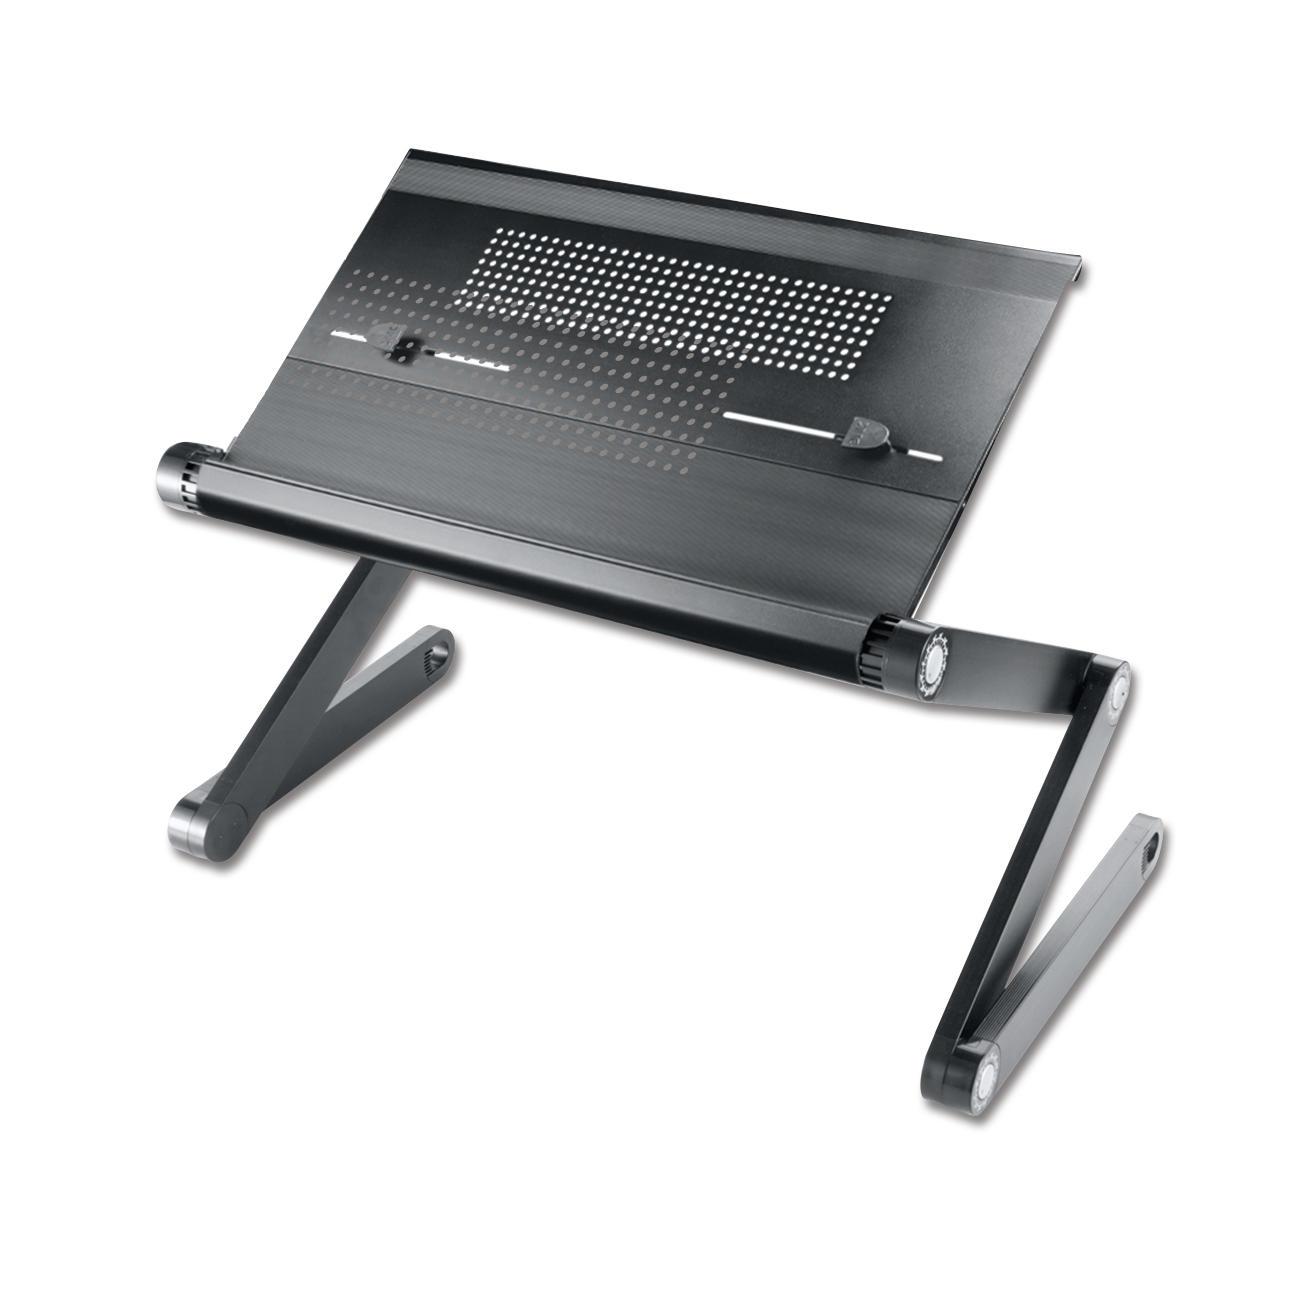 vario laptoptisch f rs bett 3 jahre garantie pro idee. Black Bedroom Furniture Sets. Home Design Ideas